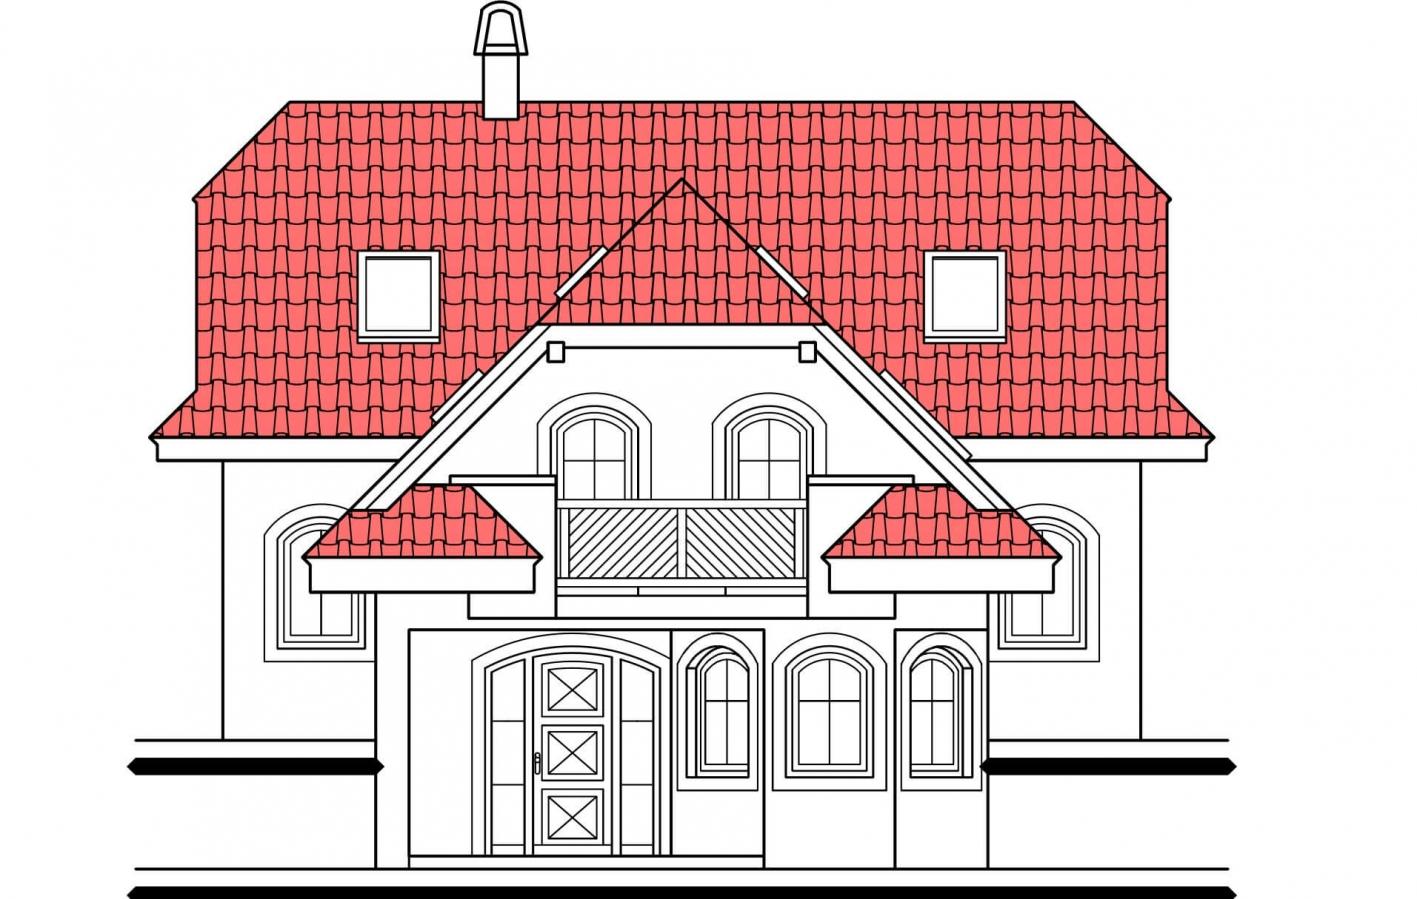 Pohľad 1. - Výškovo posunuté trakty rodinného domu s izbou na prízemí.